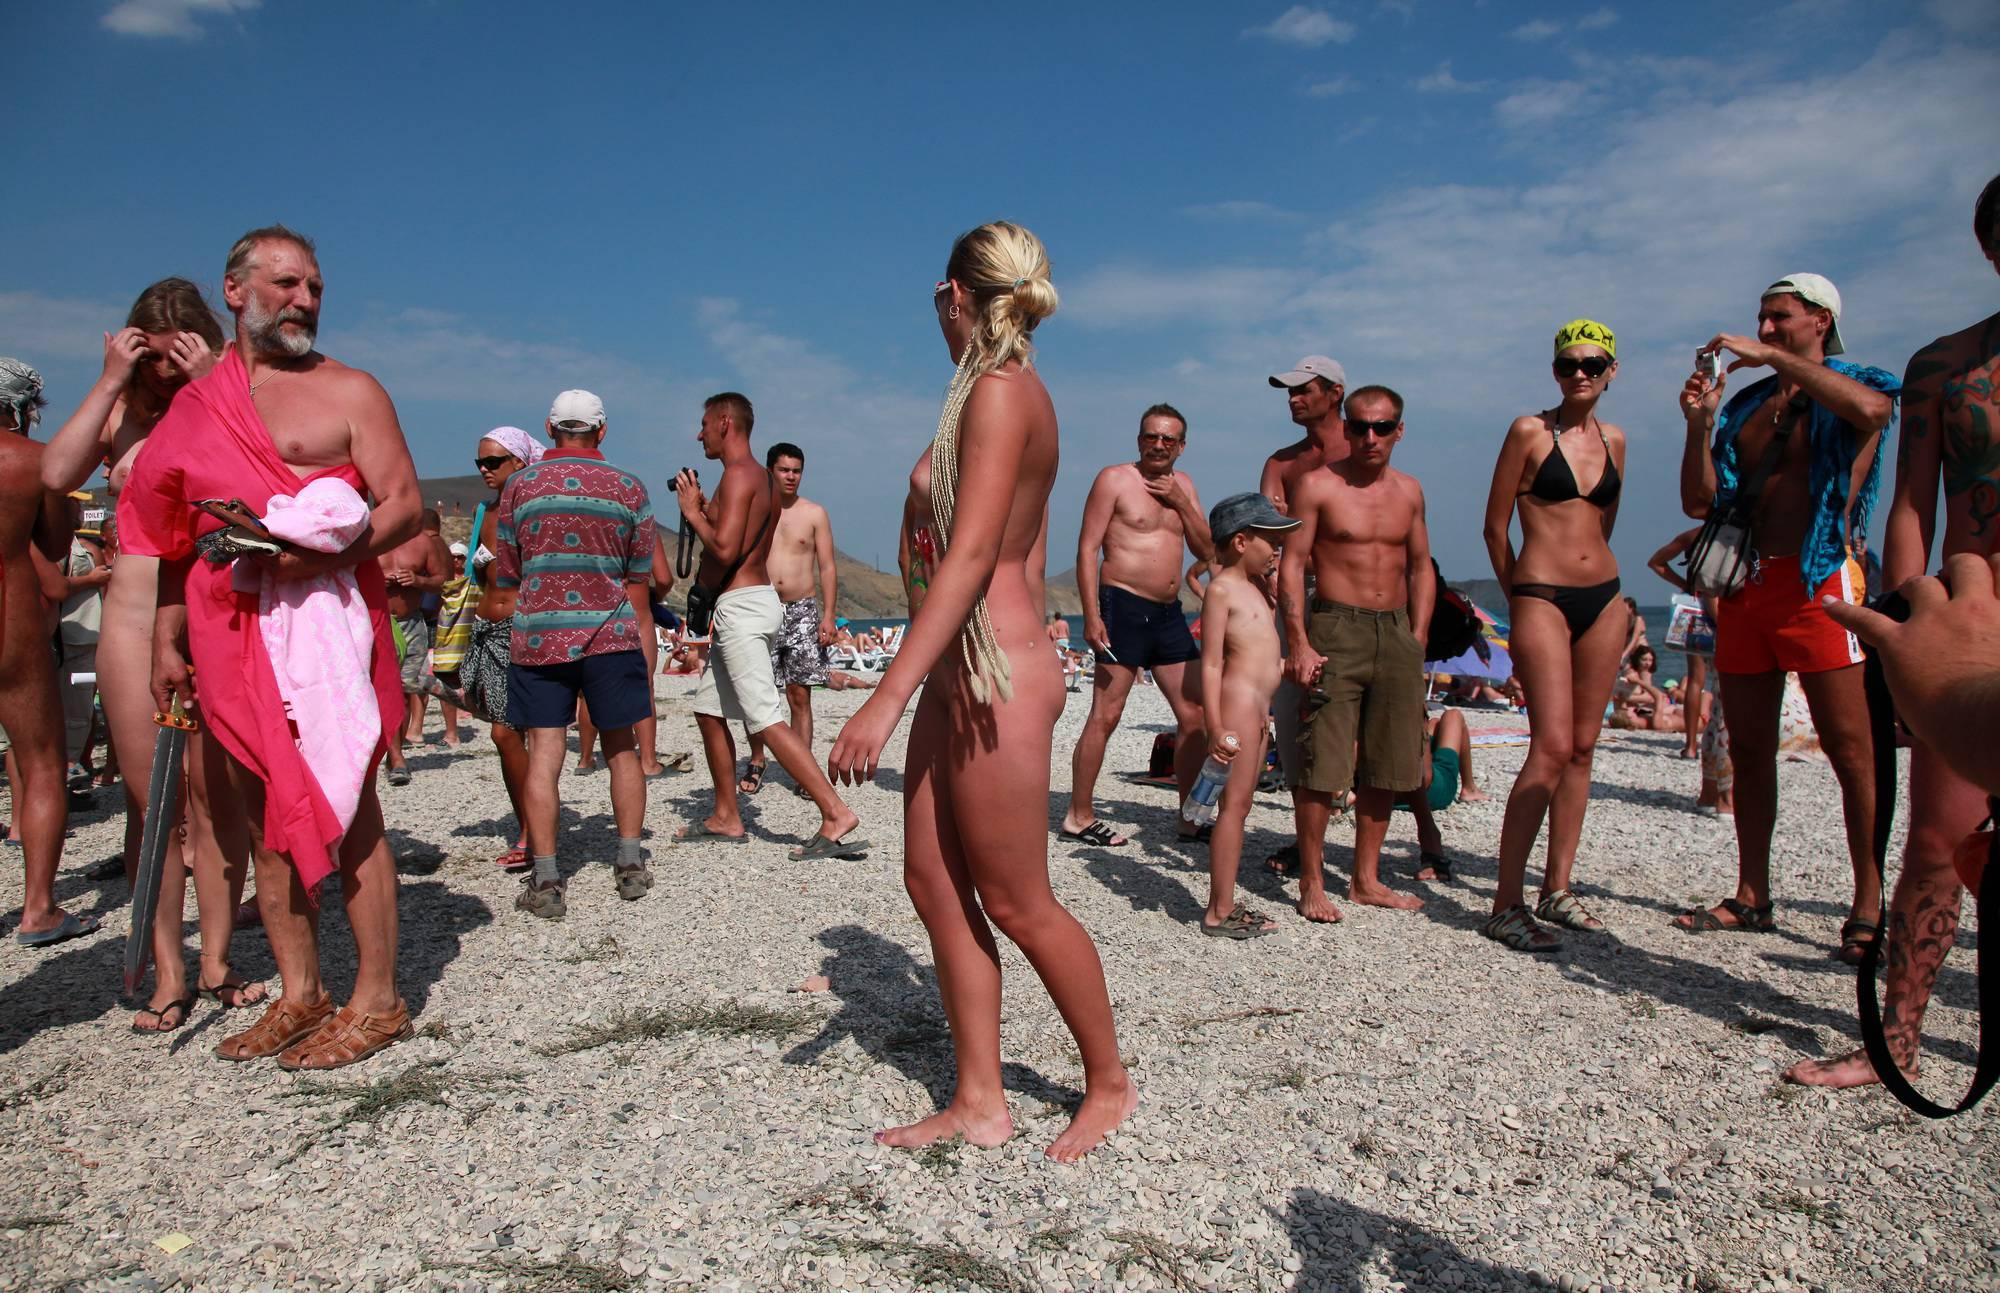 Nudist Gallery Sun Day Nude Flower Girl - 2